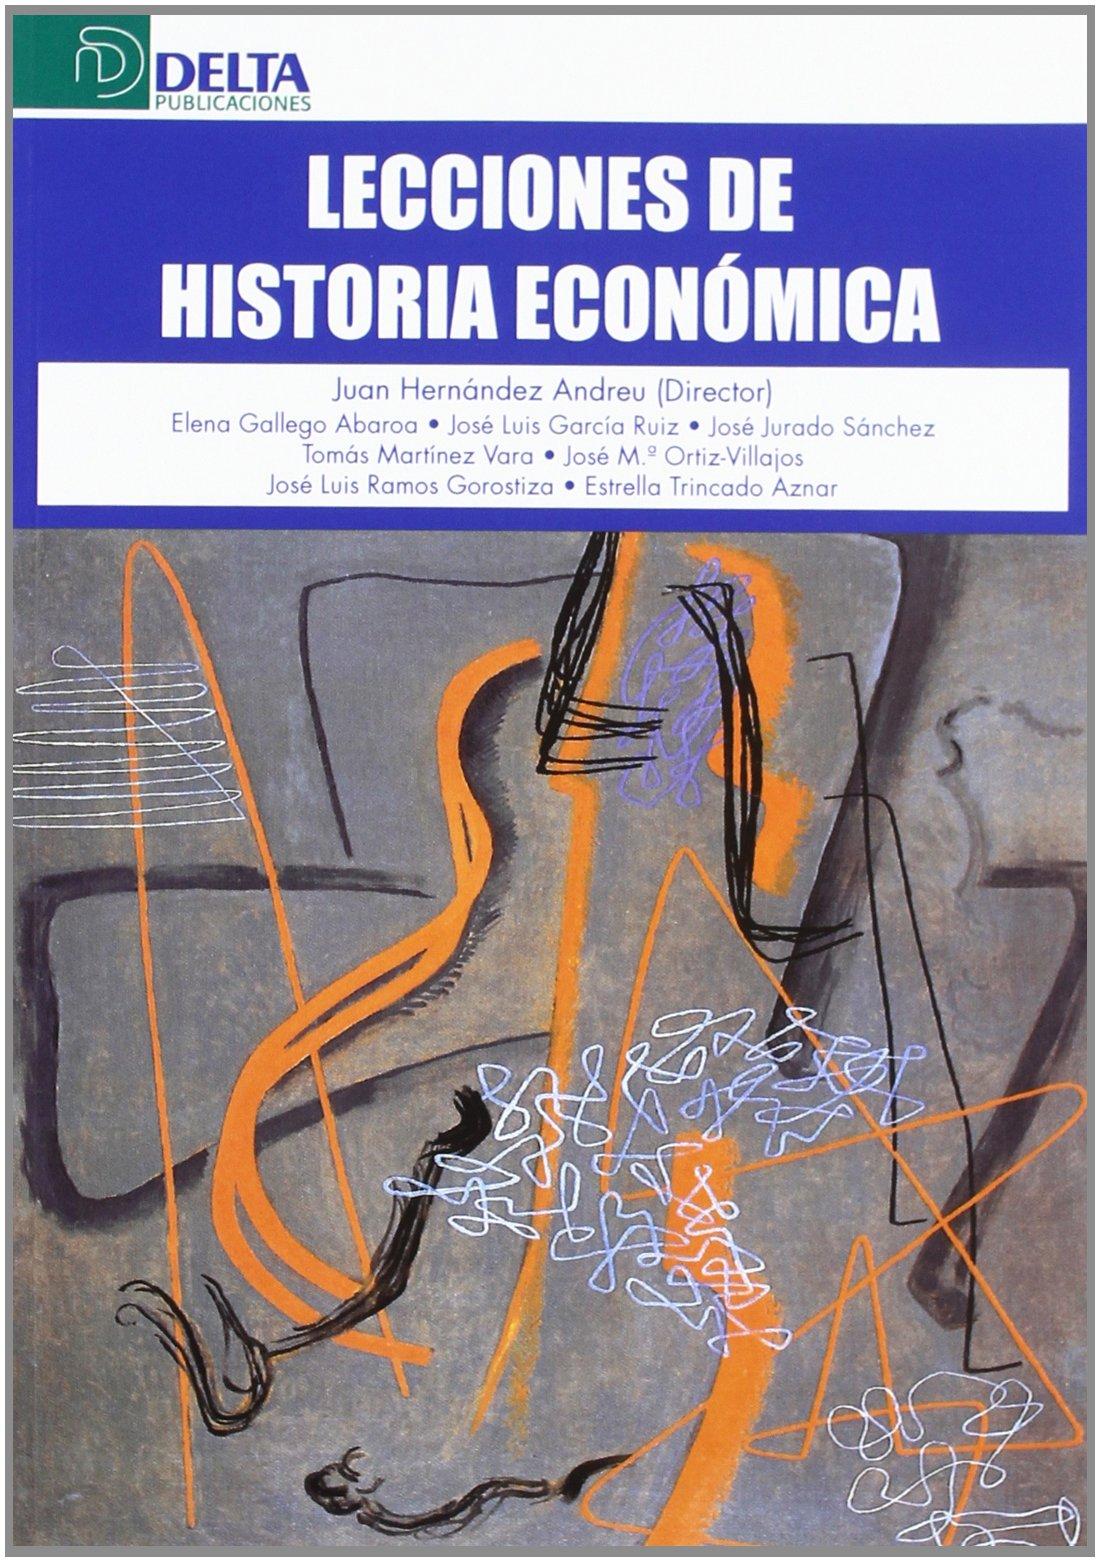 Lecciones de historia económica Tapa blanda – 1 oct 2008 Juan Hernandez Andreu Delta Publicaciones 849245332X 1227305